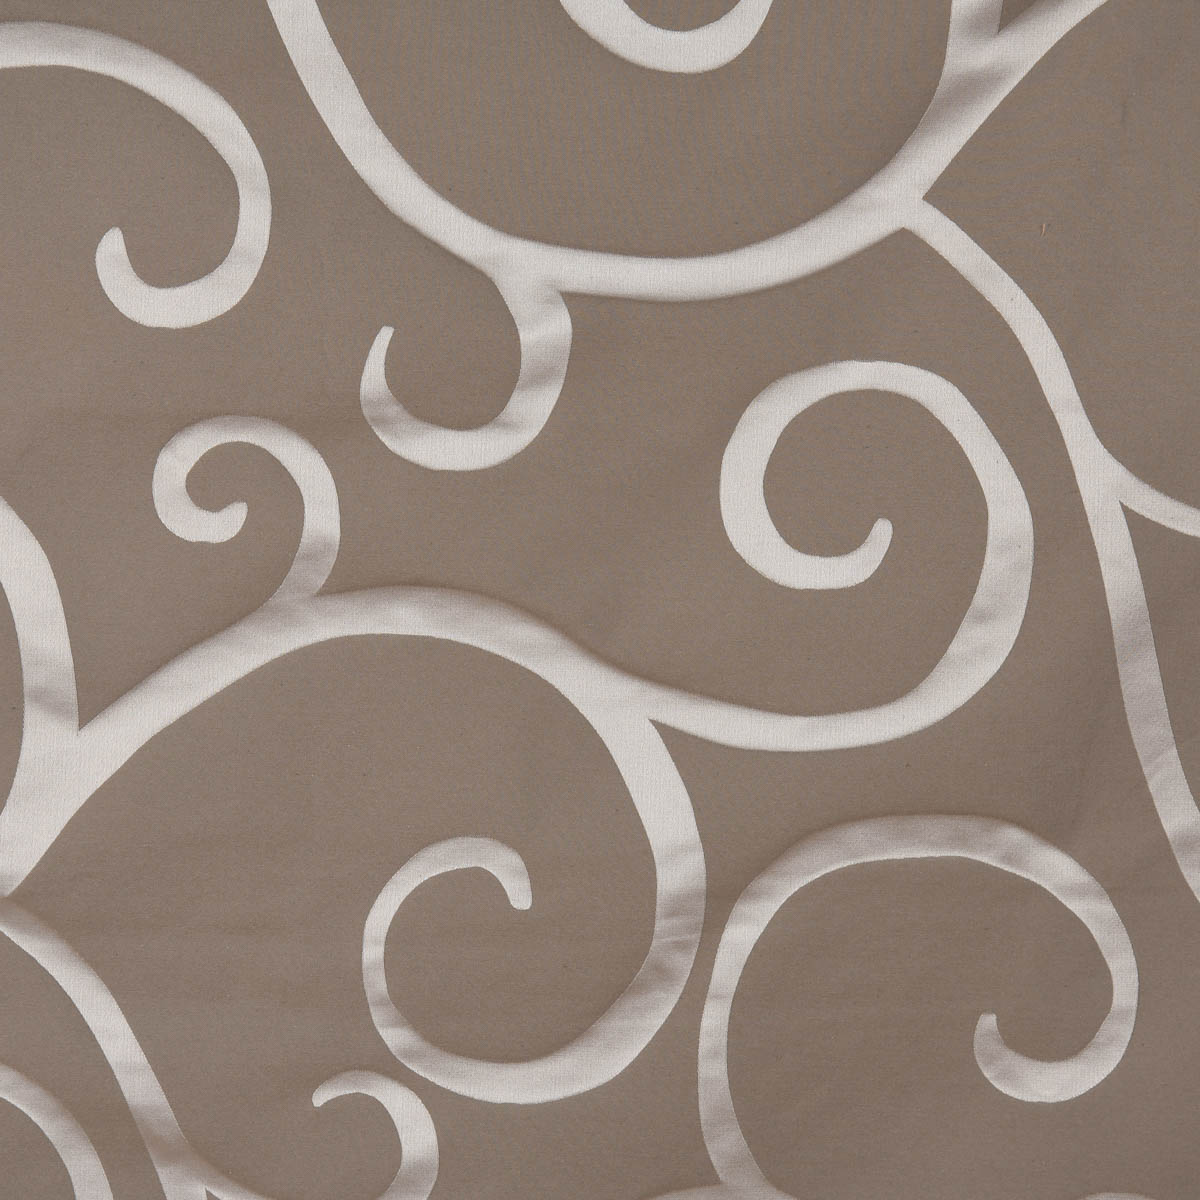 Rasch Textil Dekostoff Gardinenstoff raumhoch Curl Ranken Schnörkel grau 300cm